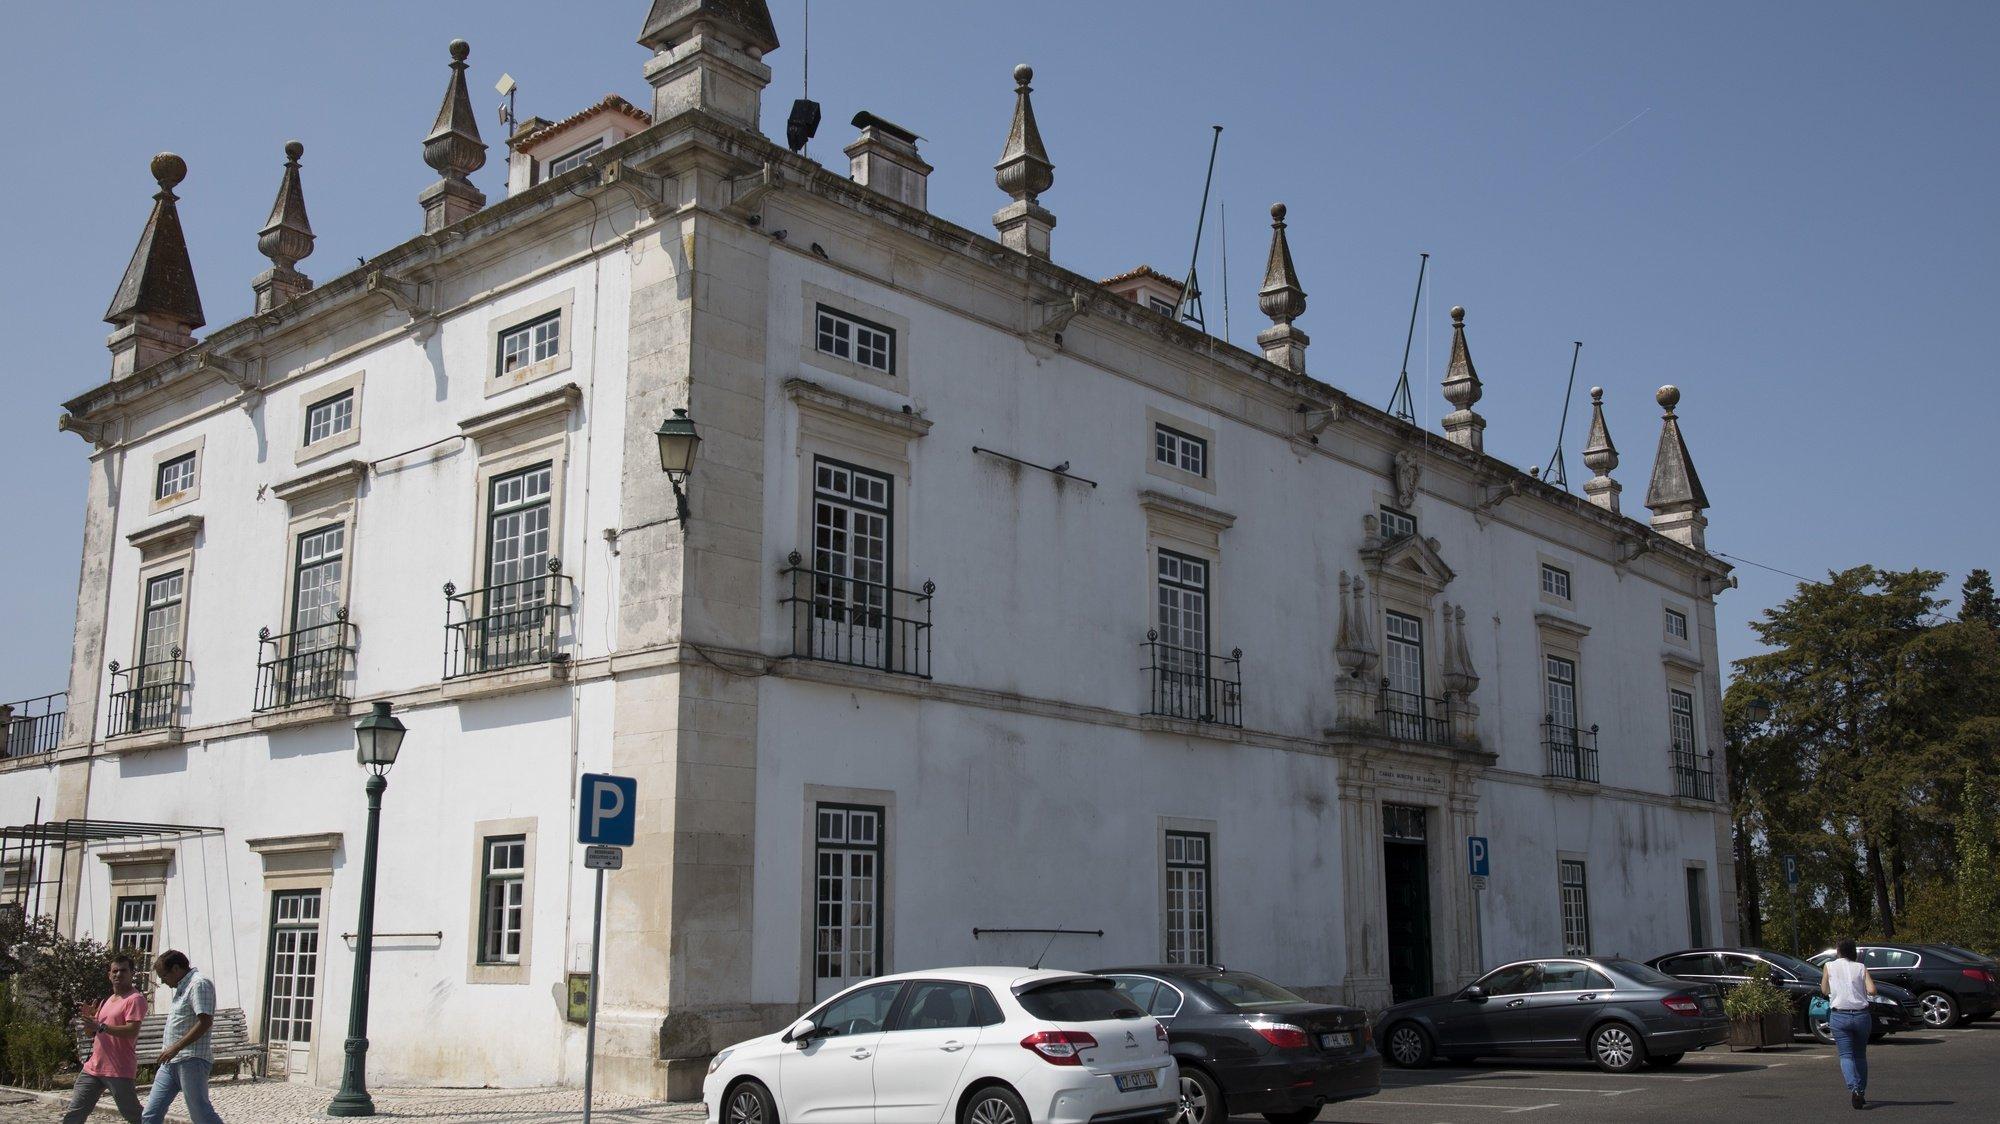 Edifício da Câmara Municipal de Santarém, 7 de setembro de 2017. PAULO CUNHA/LUSA